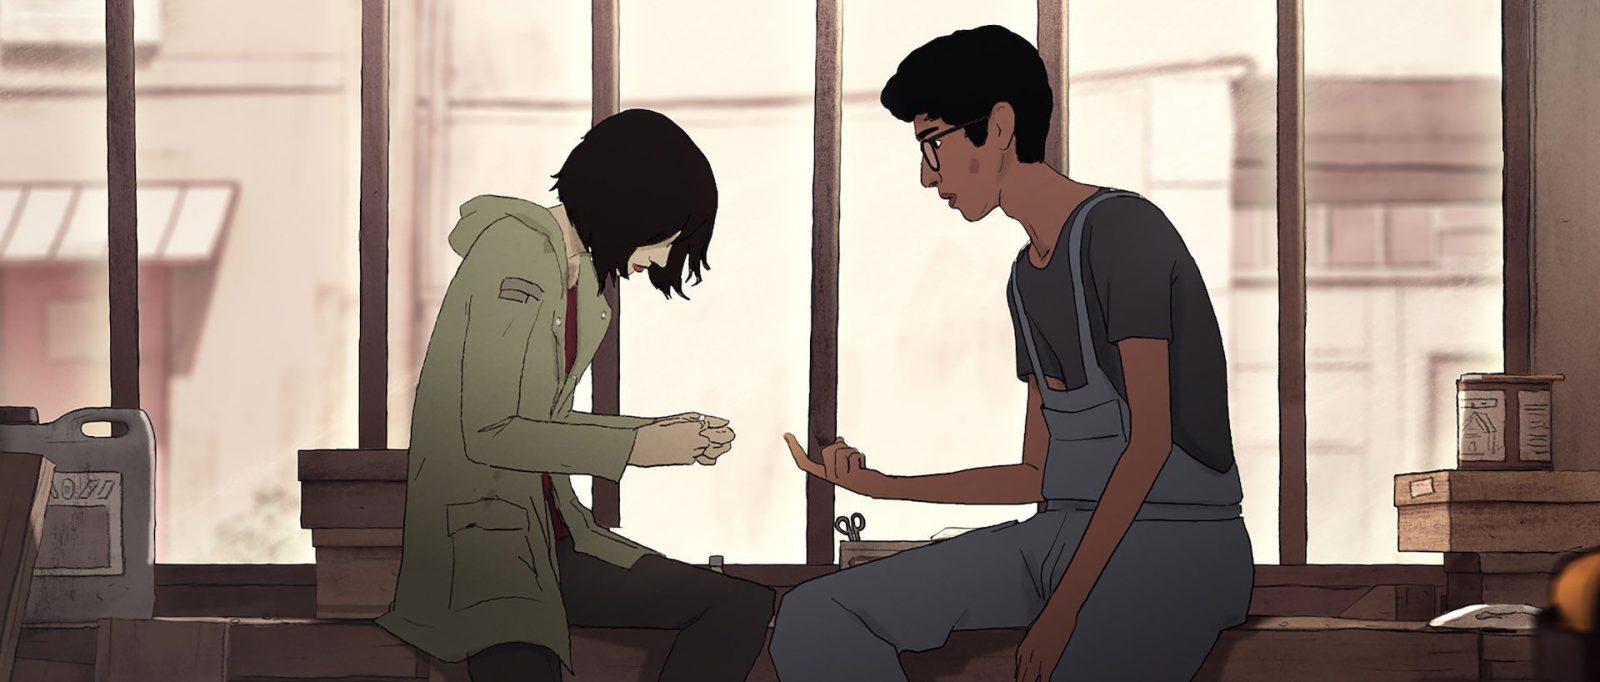 """""""Я потерял своё тело"""" стал победителем на Международном фестивале анимации"""